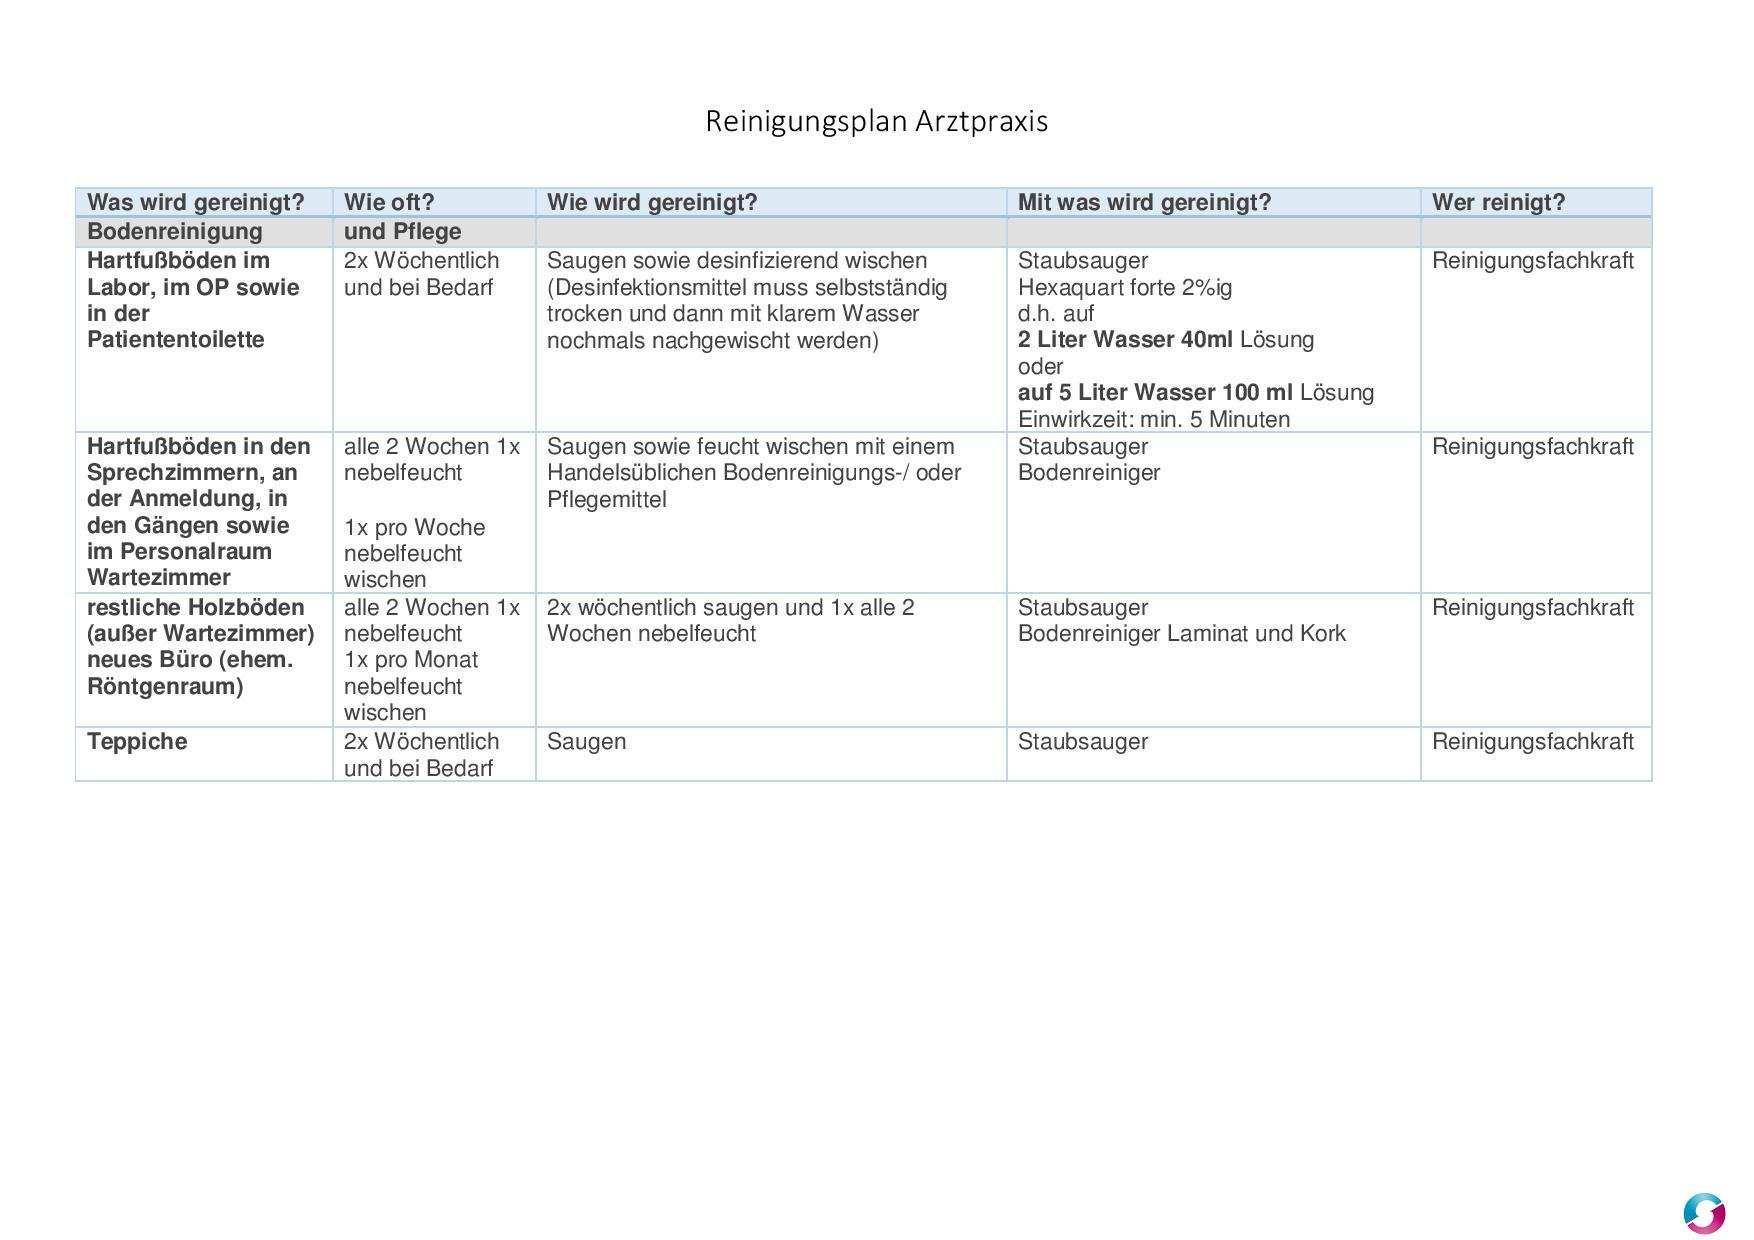 Reinigungsplan Arztpraxis Qualitatsmanagement In Der Arztpraxis